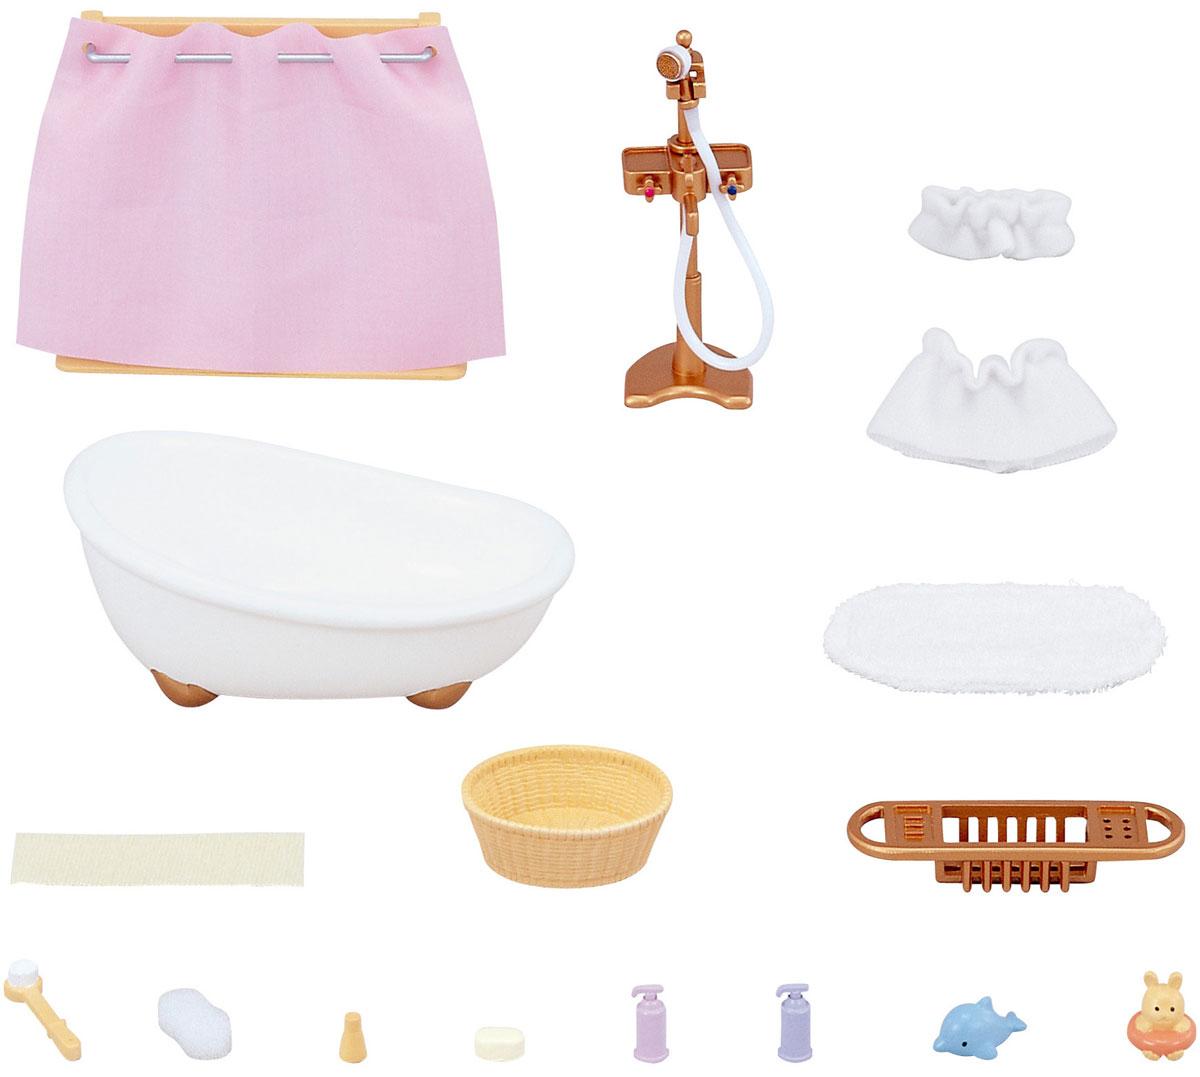 Sylvanian Families Игровой набор Ванная комната с душем3562Игровой набор Sylvanian Families Ванная комната, мини привлечет внимание вашей малышки и не позволит ей скучать. С помощью него она сможет оборудовать ванную комнату в домике Sylvanian Families. Набор включает в себя ванну, стойку со шторкой, коврик, тазик, банные принадлежности и различные аксессуары ванной комнаты. Ваша малышка будет часами играть с набором, придумывая различные истории. Sylvanian Families - это целый мир маленьких жителей, объединенных общей легендой. Жители страны Sylvanian Families - это кролики, белки, медведи, лисы и многие другие. У каждого из них есть дом, в котором есть все необходимое для счастливой жизни. В городе, где живут герои, есть школа, больница, рынок, пекарня, детский сад и множество других полезных объектов. Жители этой страны живут семьями, в каждой из которой есть дети. В домах Sylvanian Families царит уют и гармония. Домашние животные радуют хозяев. Здесь продумана каждая мелочь, от одежды до мебели и...